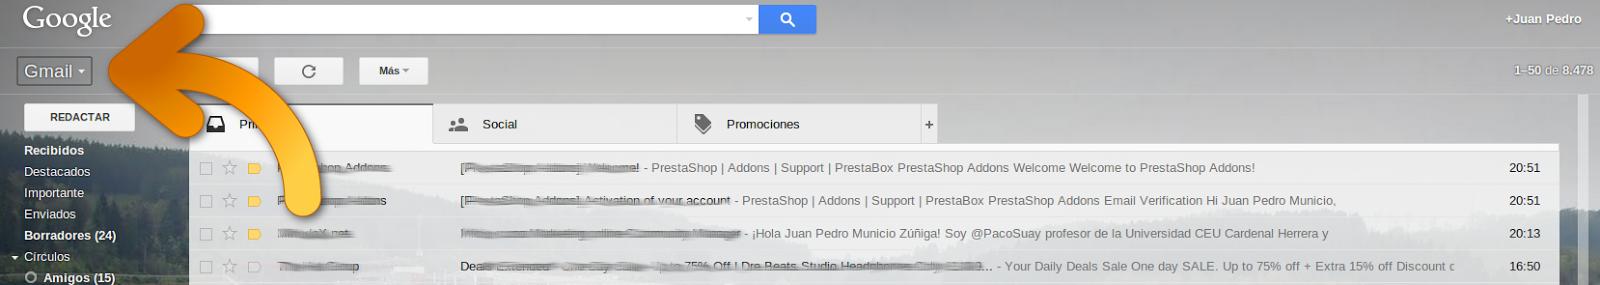 gmail contactos